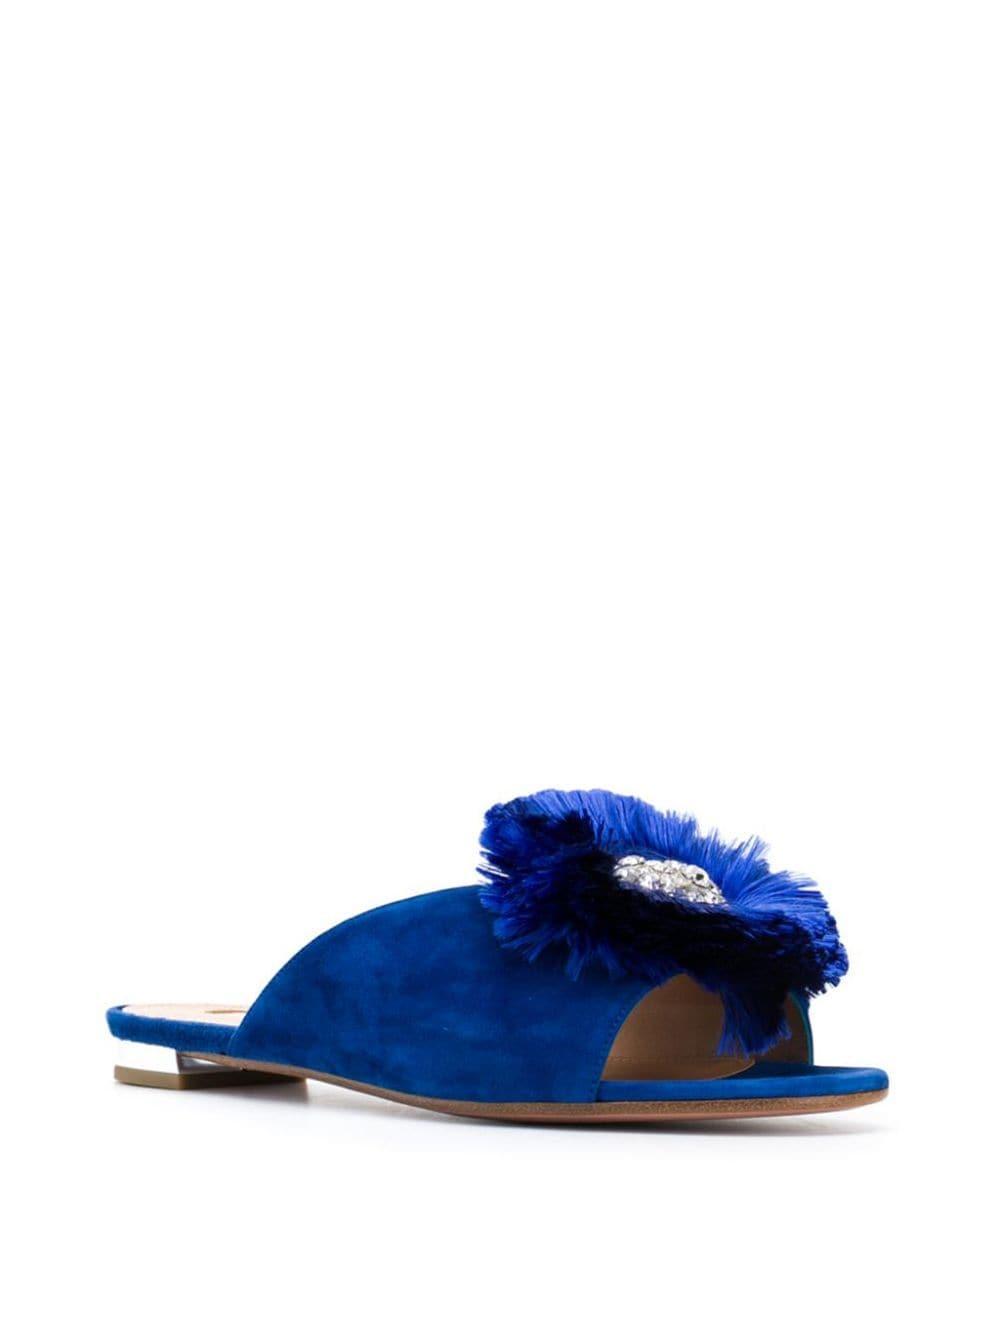 Slippers Lotus con cristales Aquazzura de Cuero de color Azul